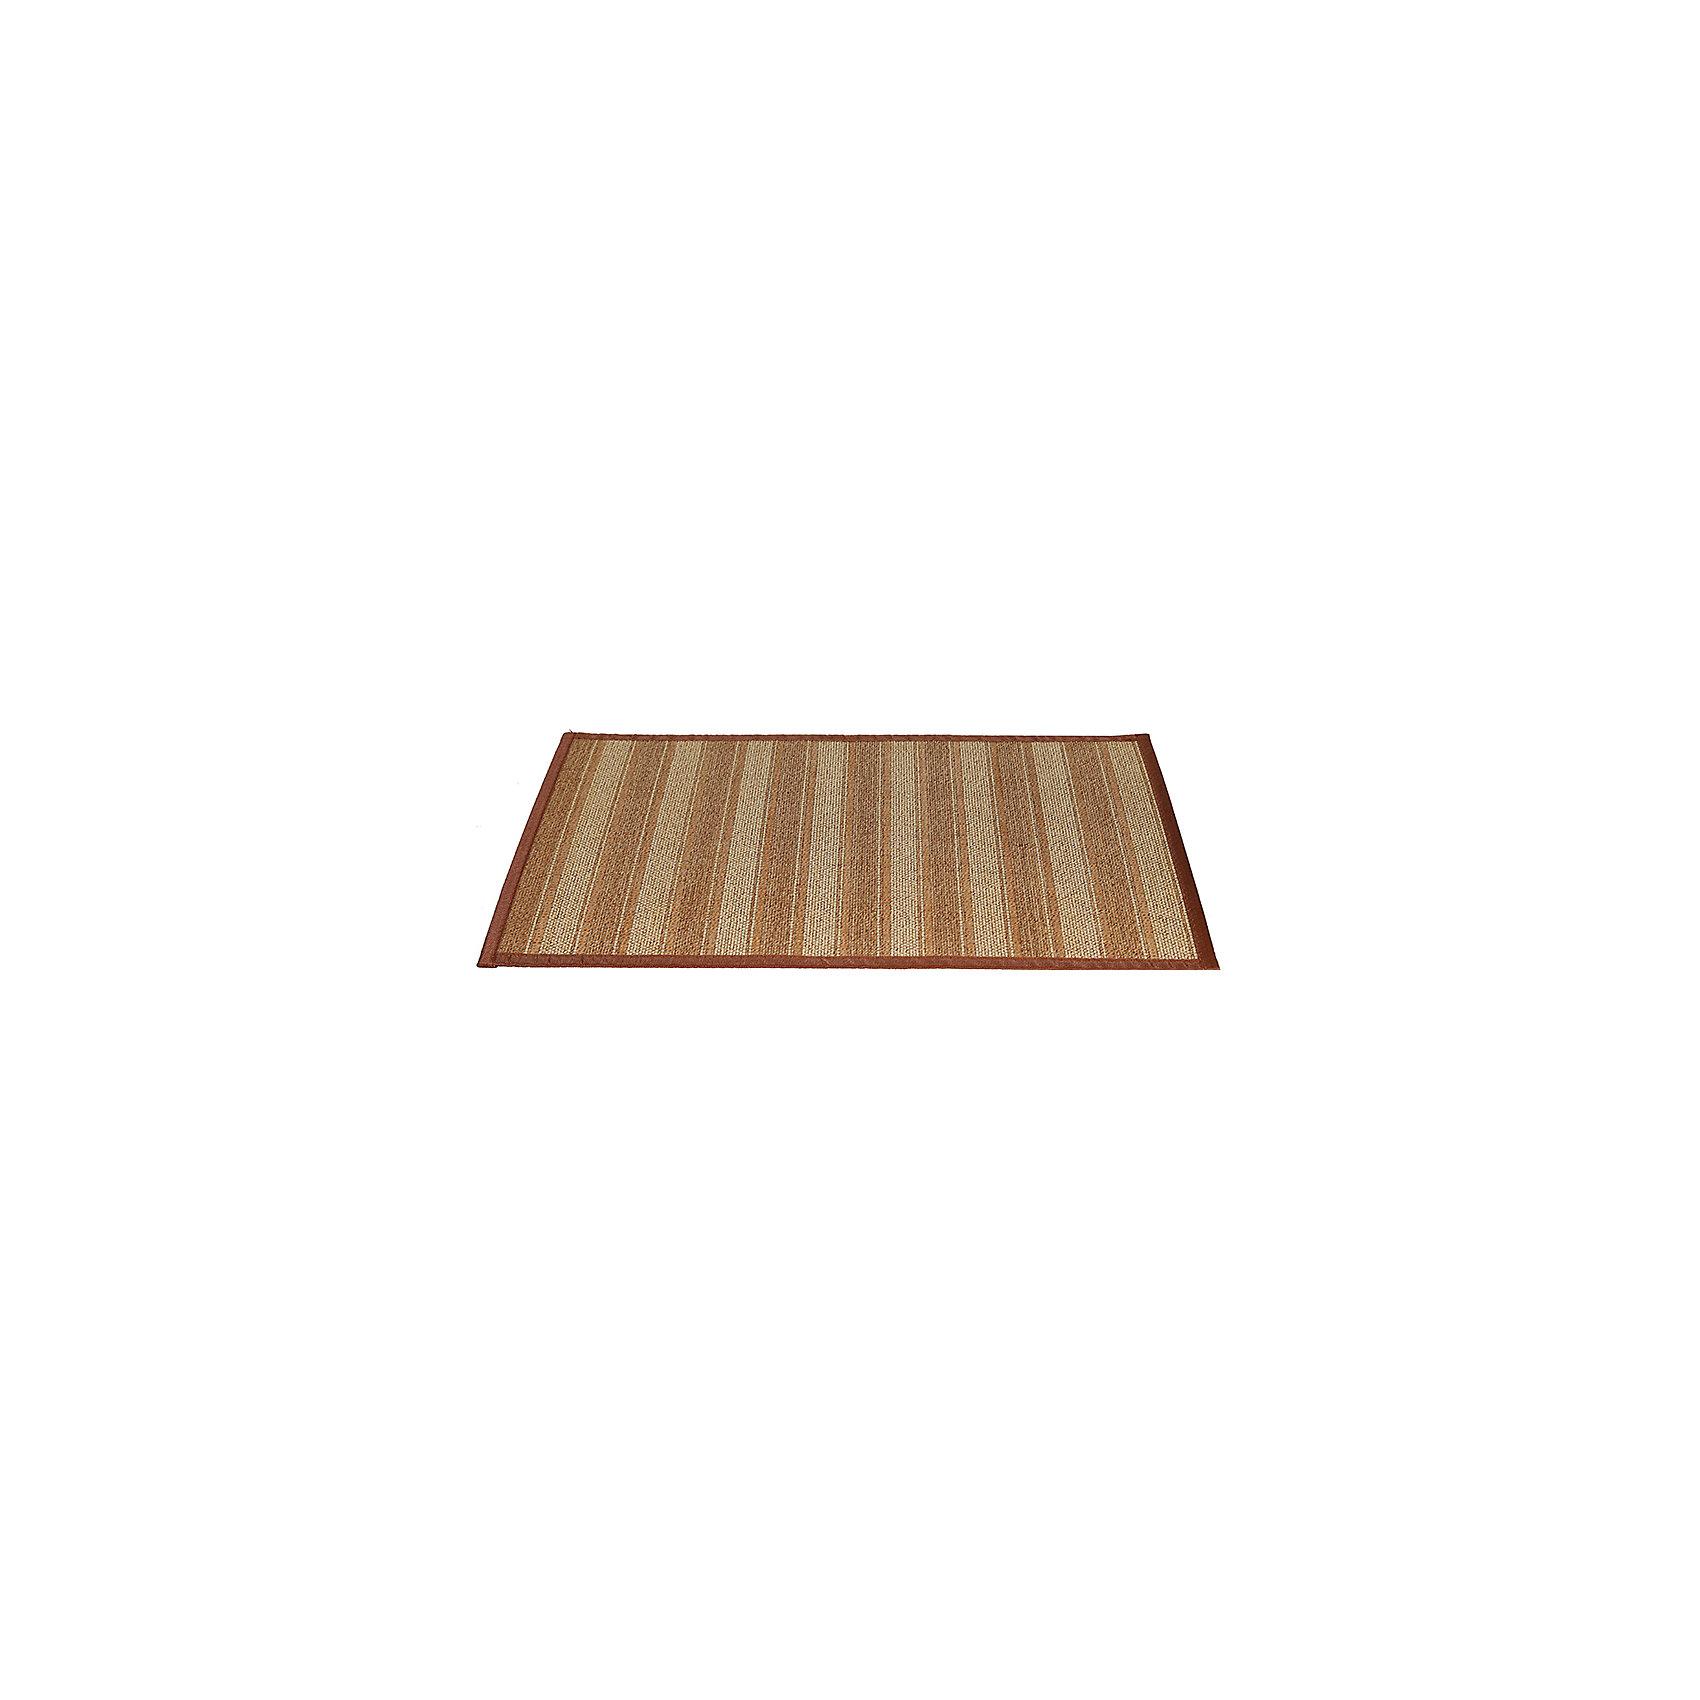 Циновка 500х800мм бамбук, Amigo, бежевый